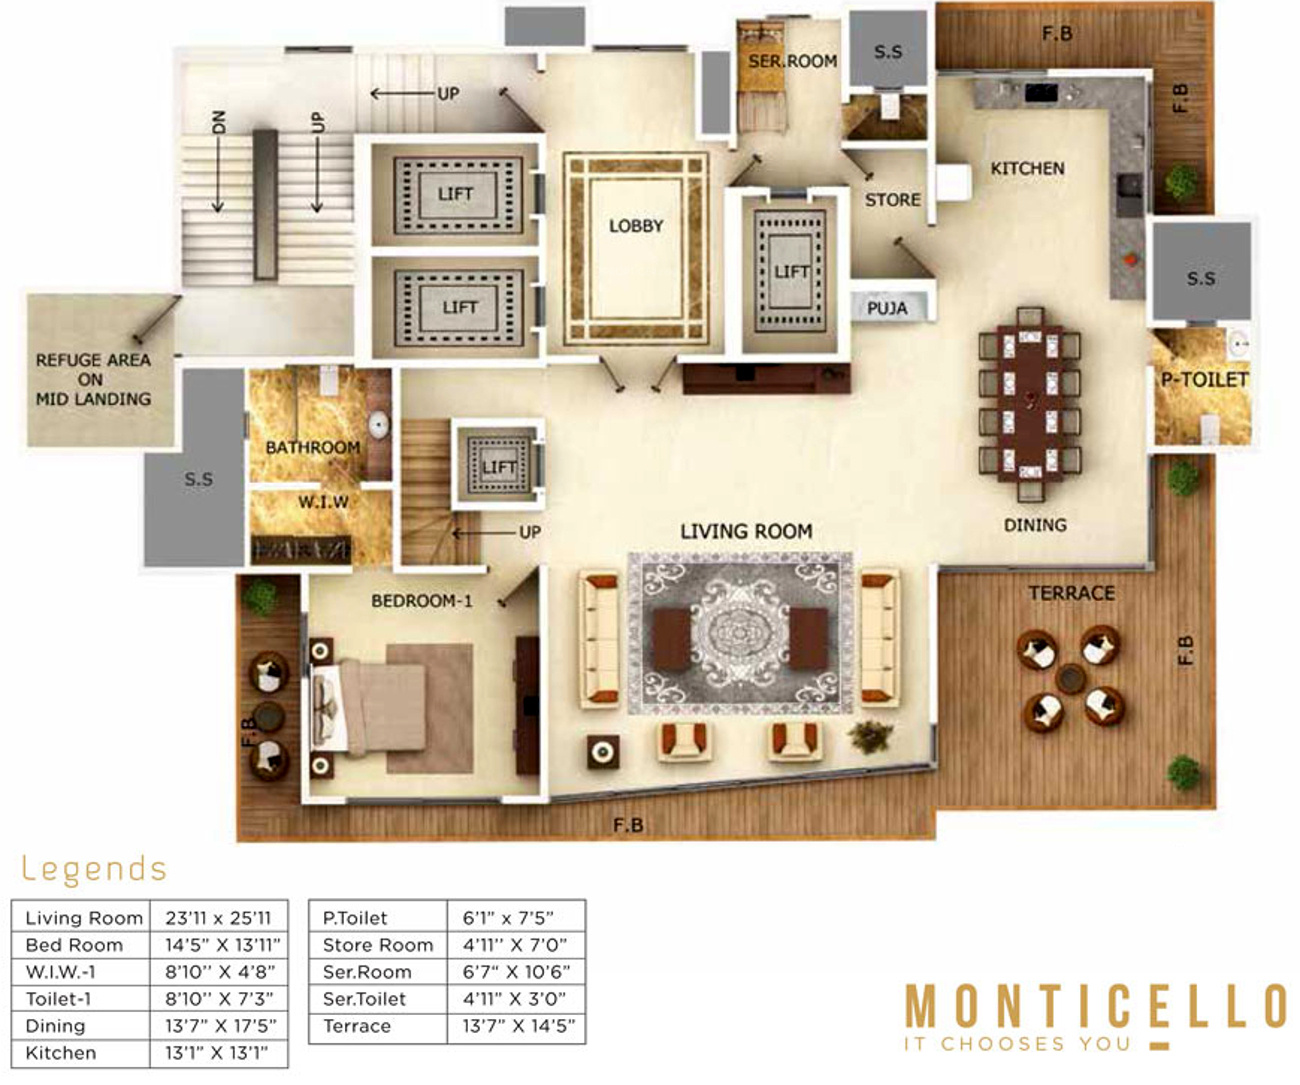 Samudra monticello in bandra west mumbai price for Monticello floor plan